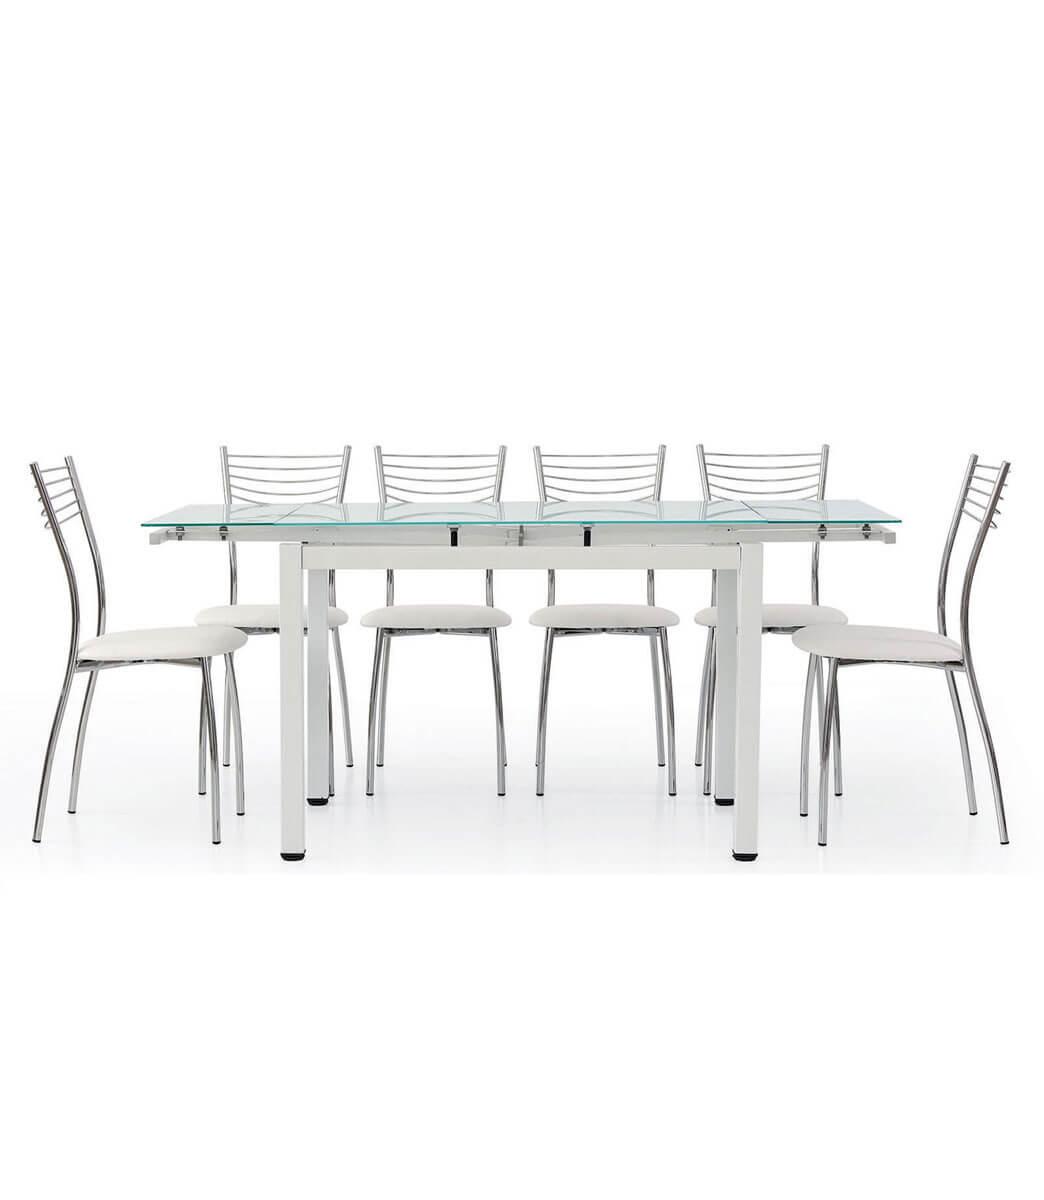 Tavolo Allungabile Moderno Cristallo.Tavolo Da Cucina Allungabile Da 6 A 8 Persone Offerta